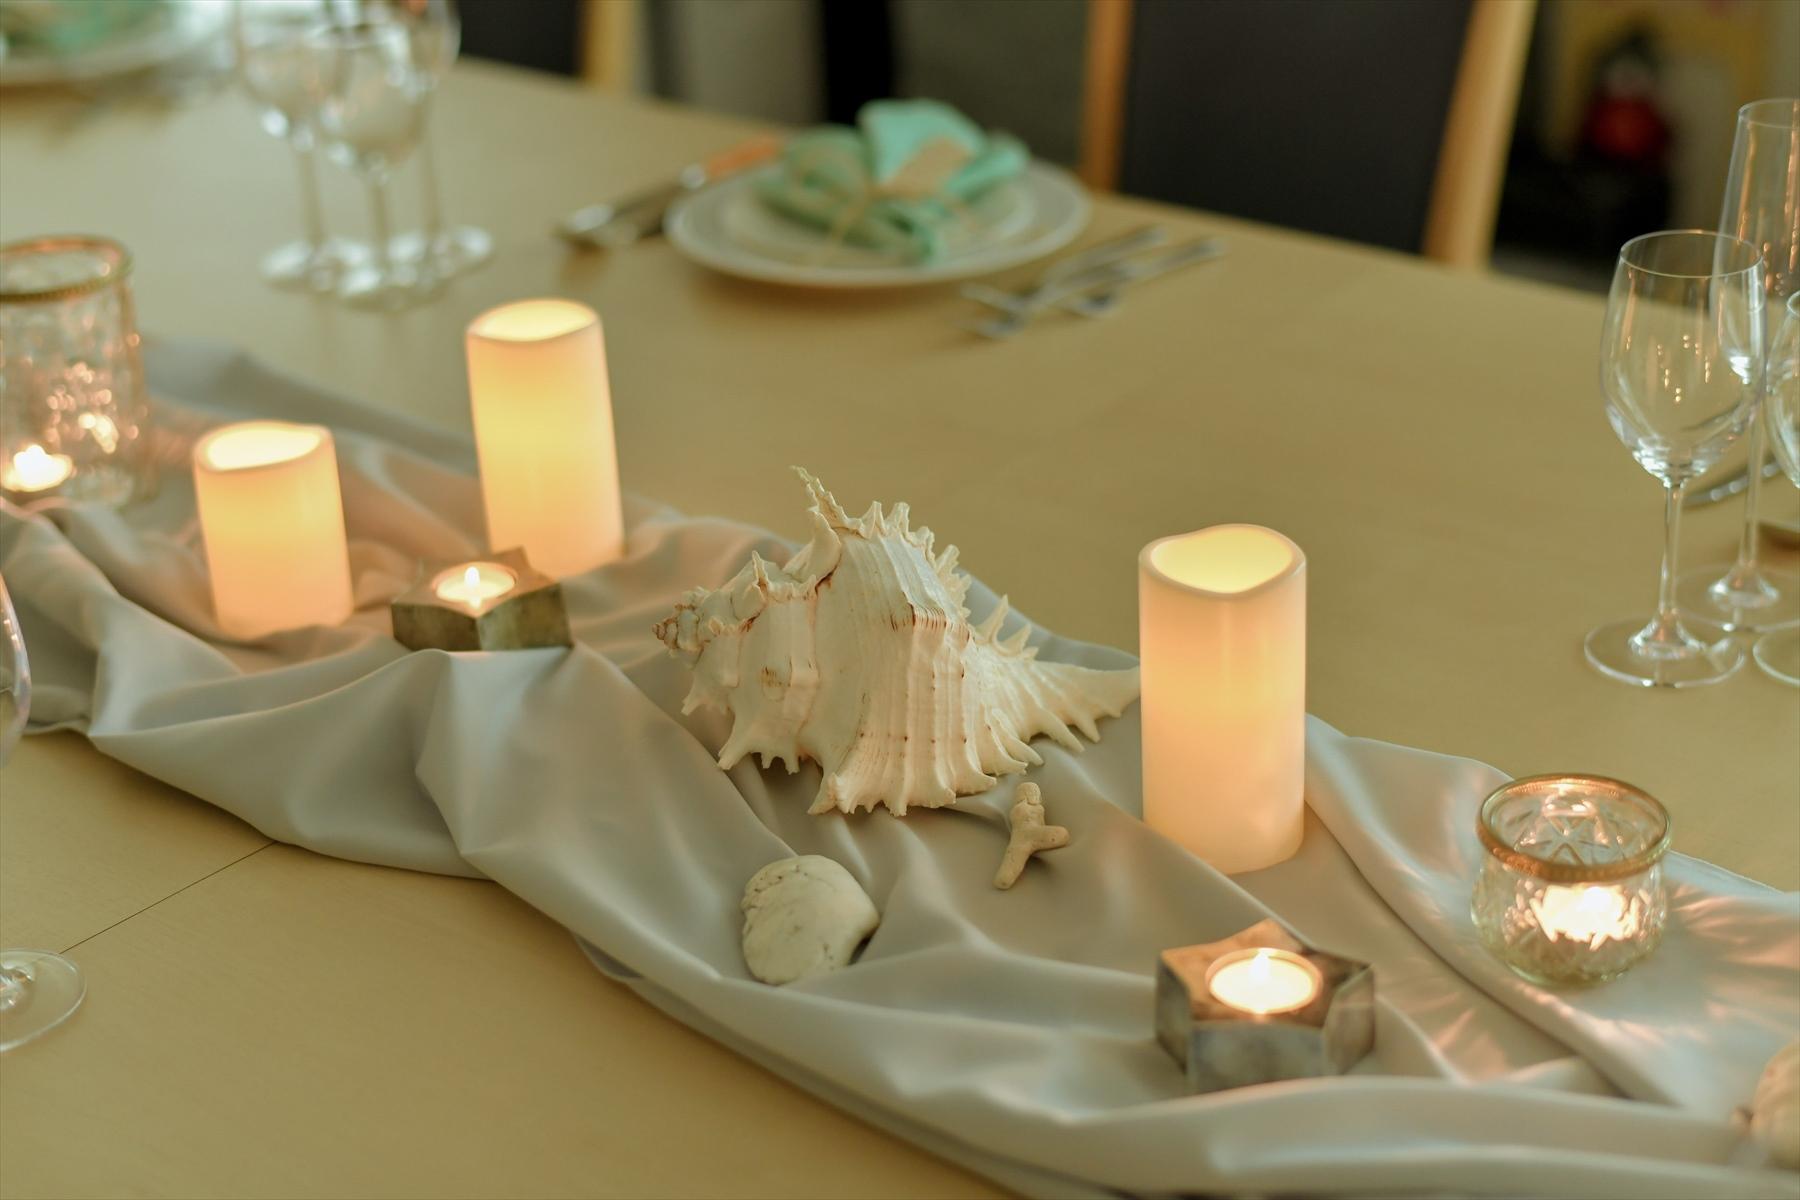 静岡邸宅ウェディング パーティー・テーブルセッティング 静岡ウェディングフォト